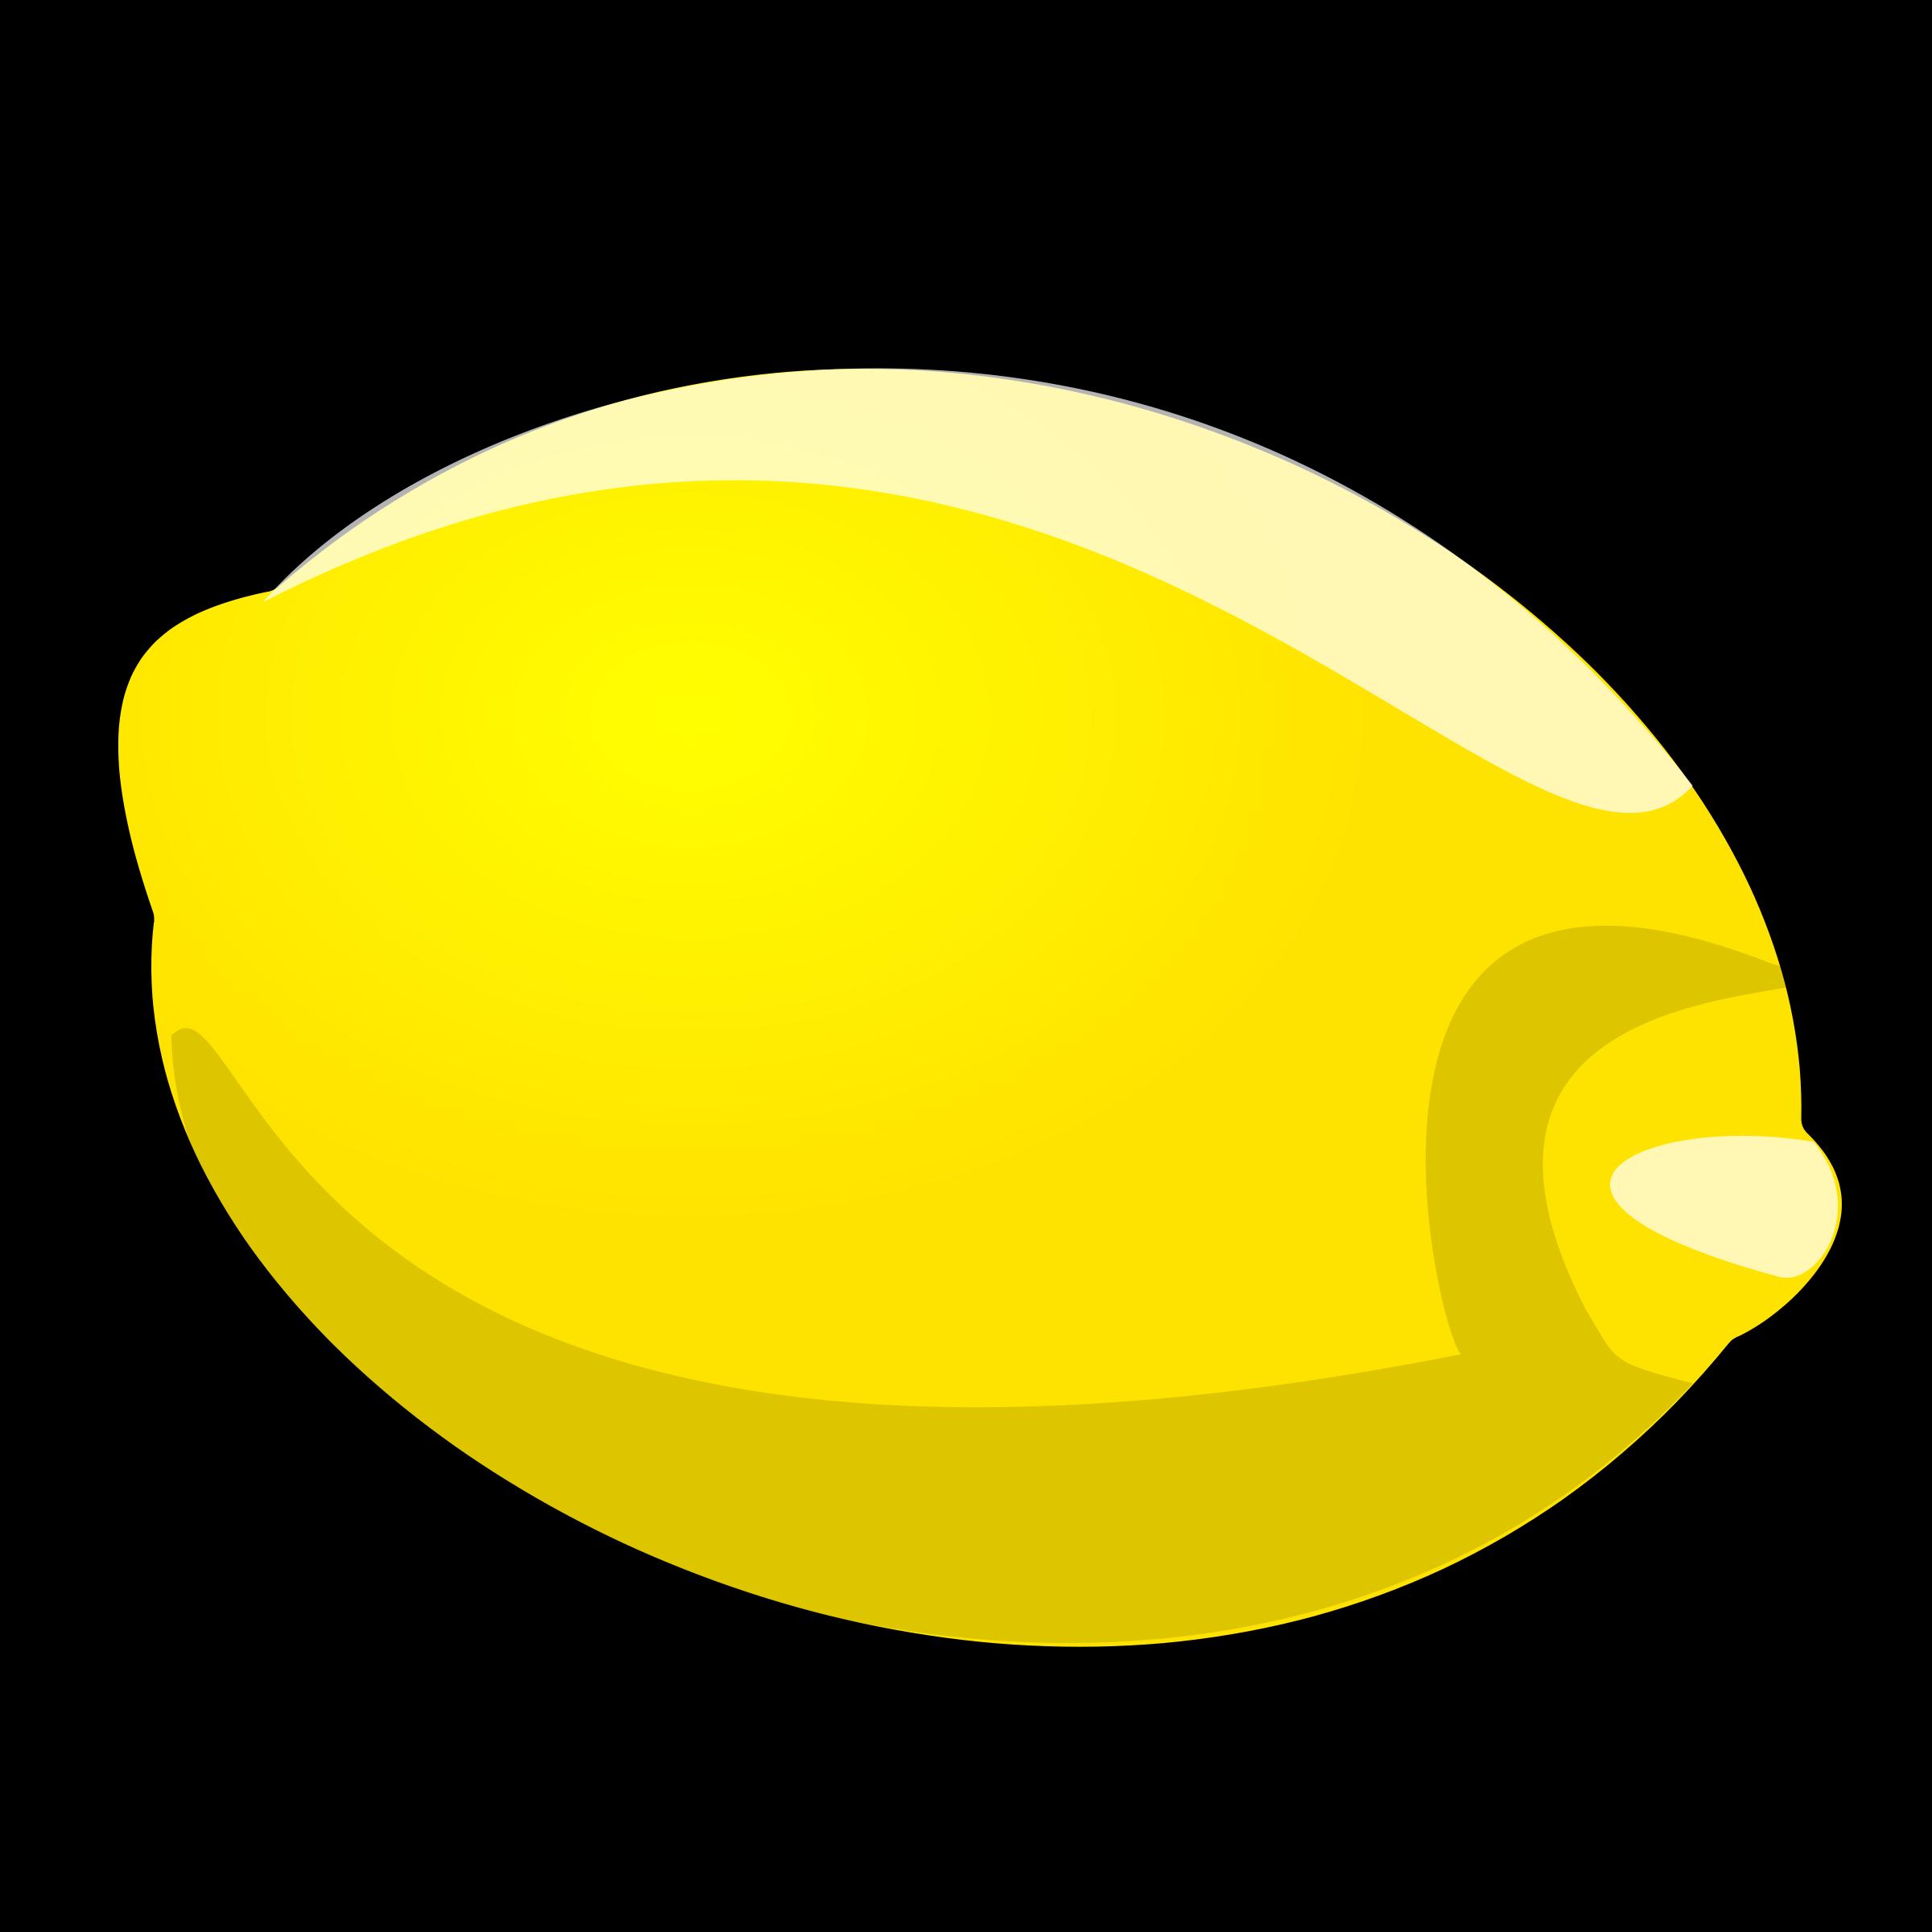 Lemon clip art free clipart images